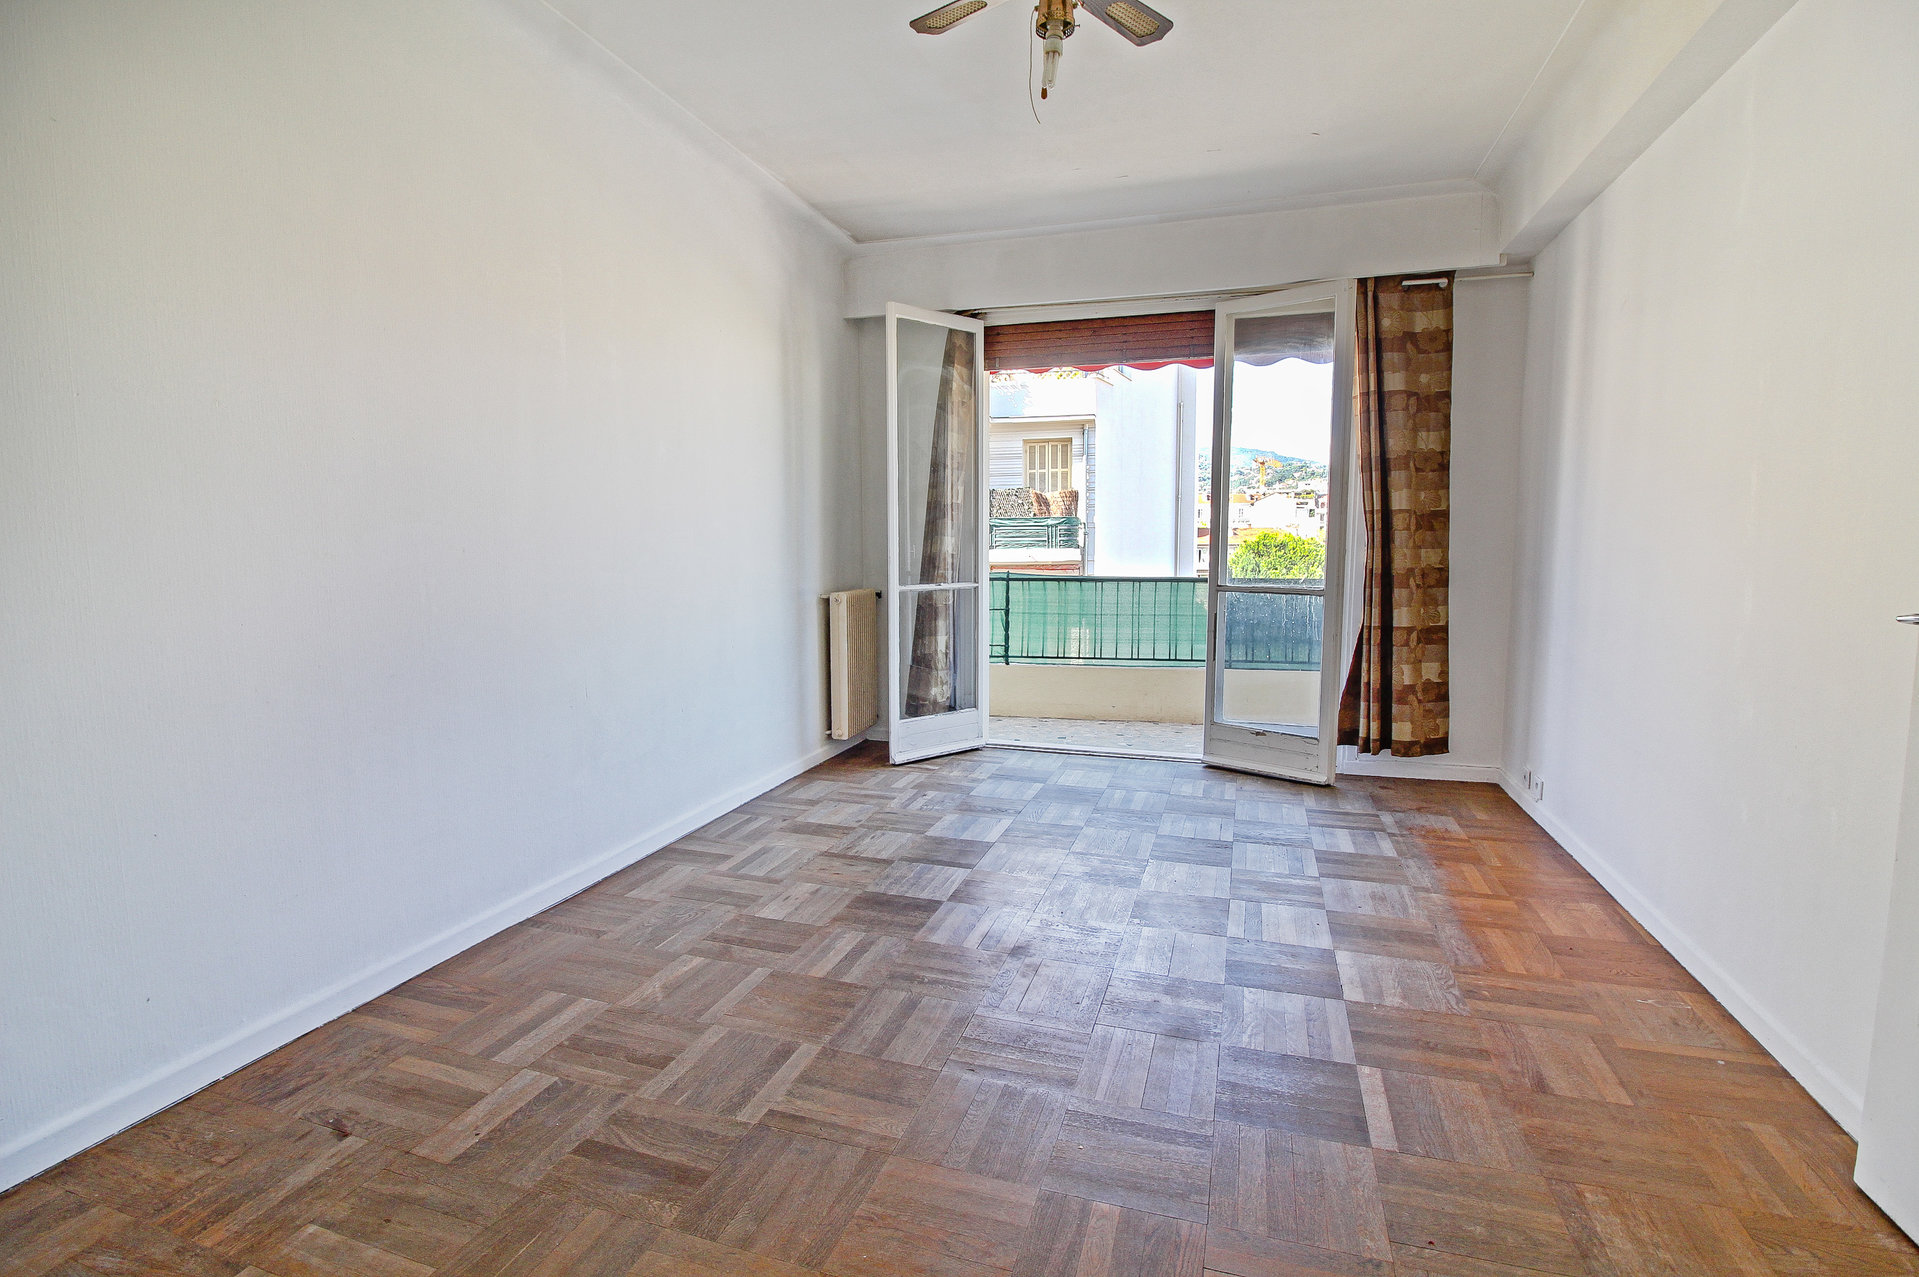 LIBERATION - Grand F1 - Terrasse - Avant dernier étage - Vue dégagée - 145.000 €